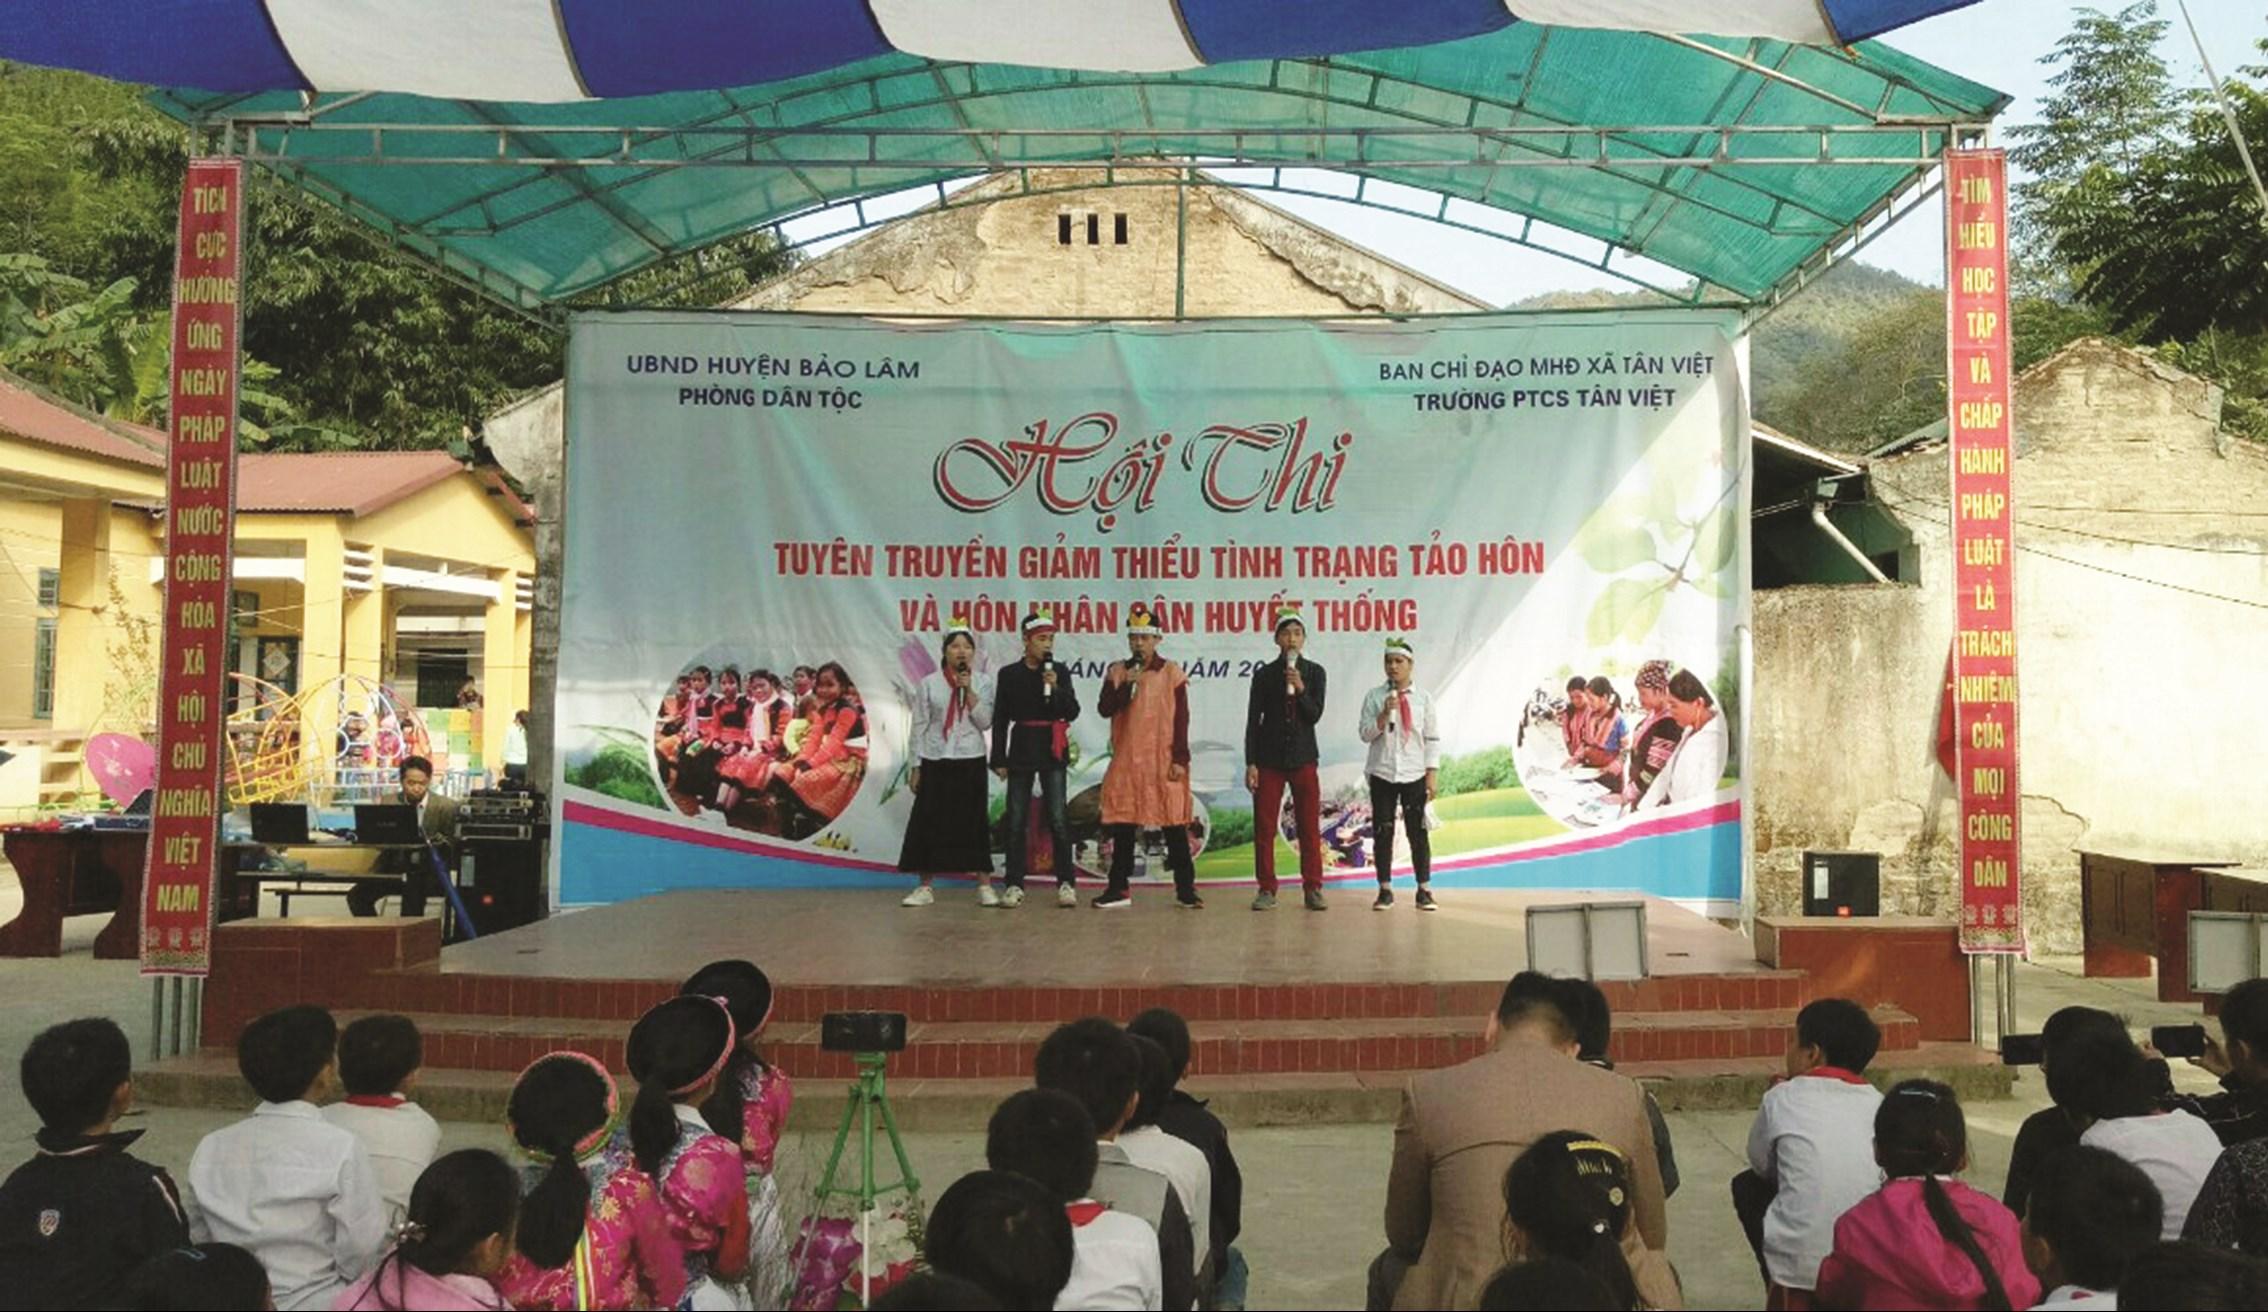 Mô hình điểm tuyên truyền giảm thiểu tình trạng TH&HNCHT tại Trường PTCS Tân Việt, huyện Bảo Lâm